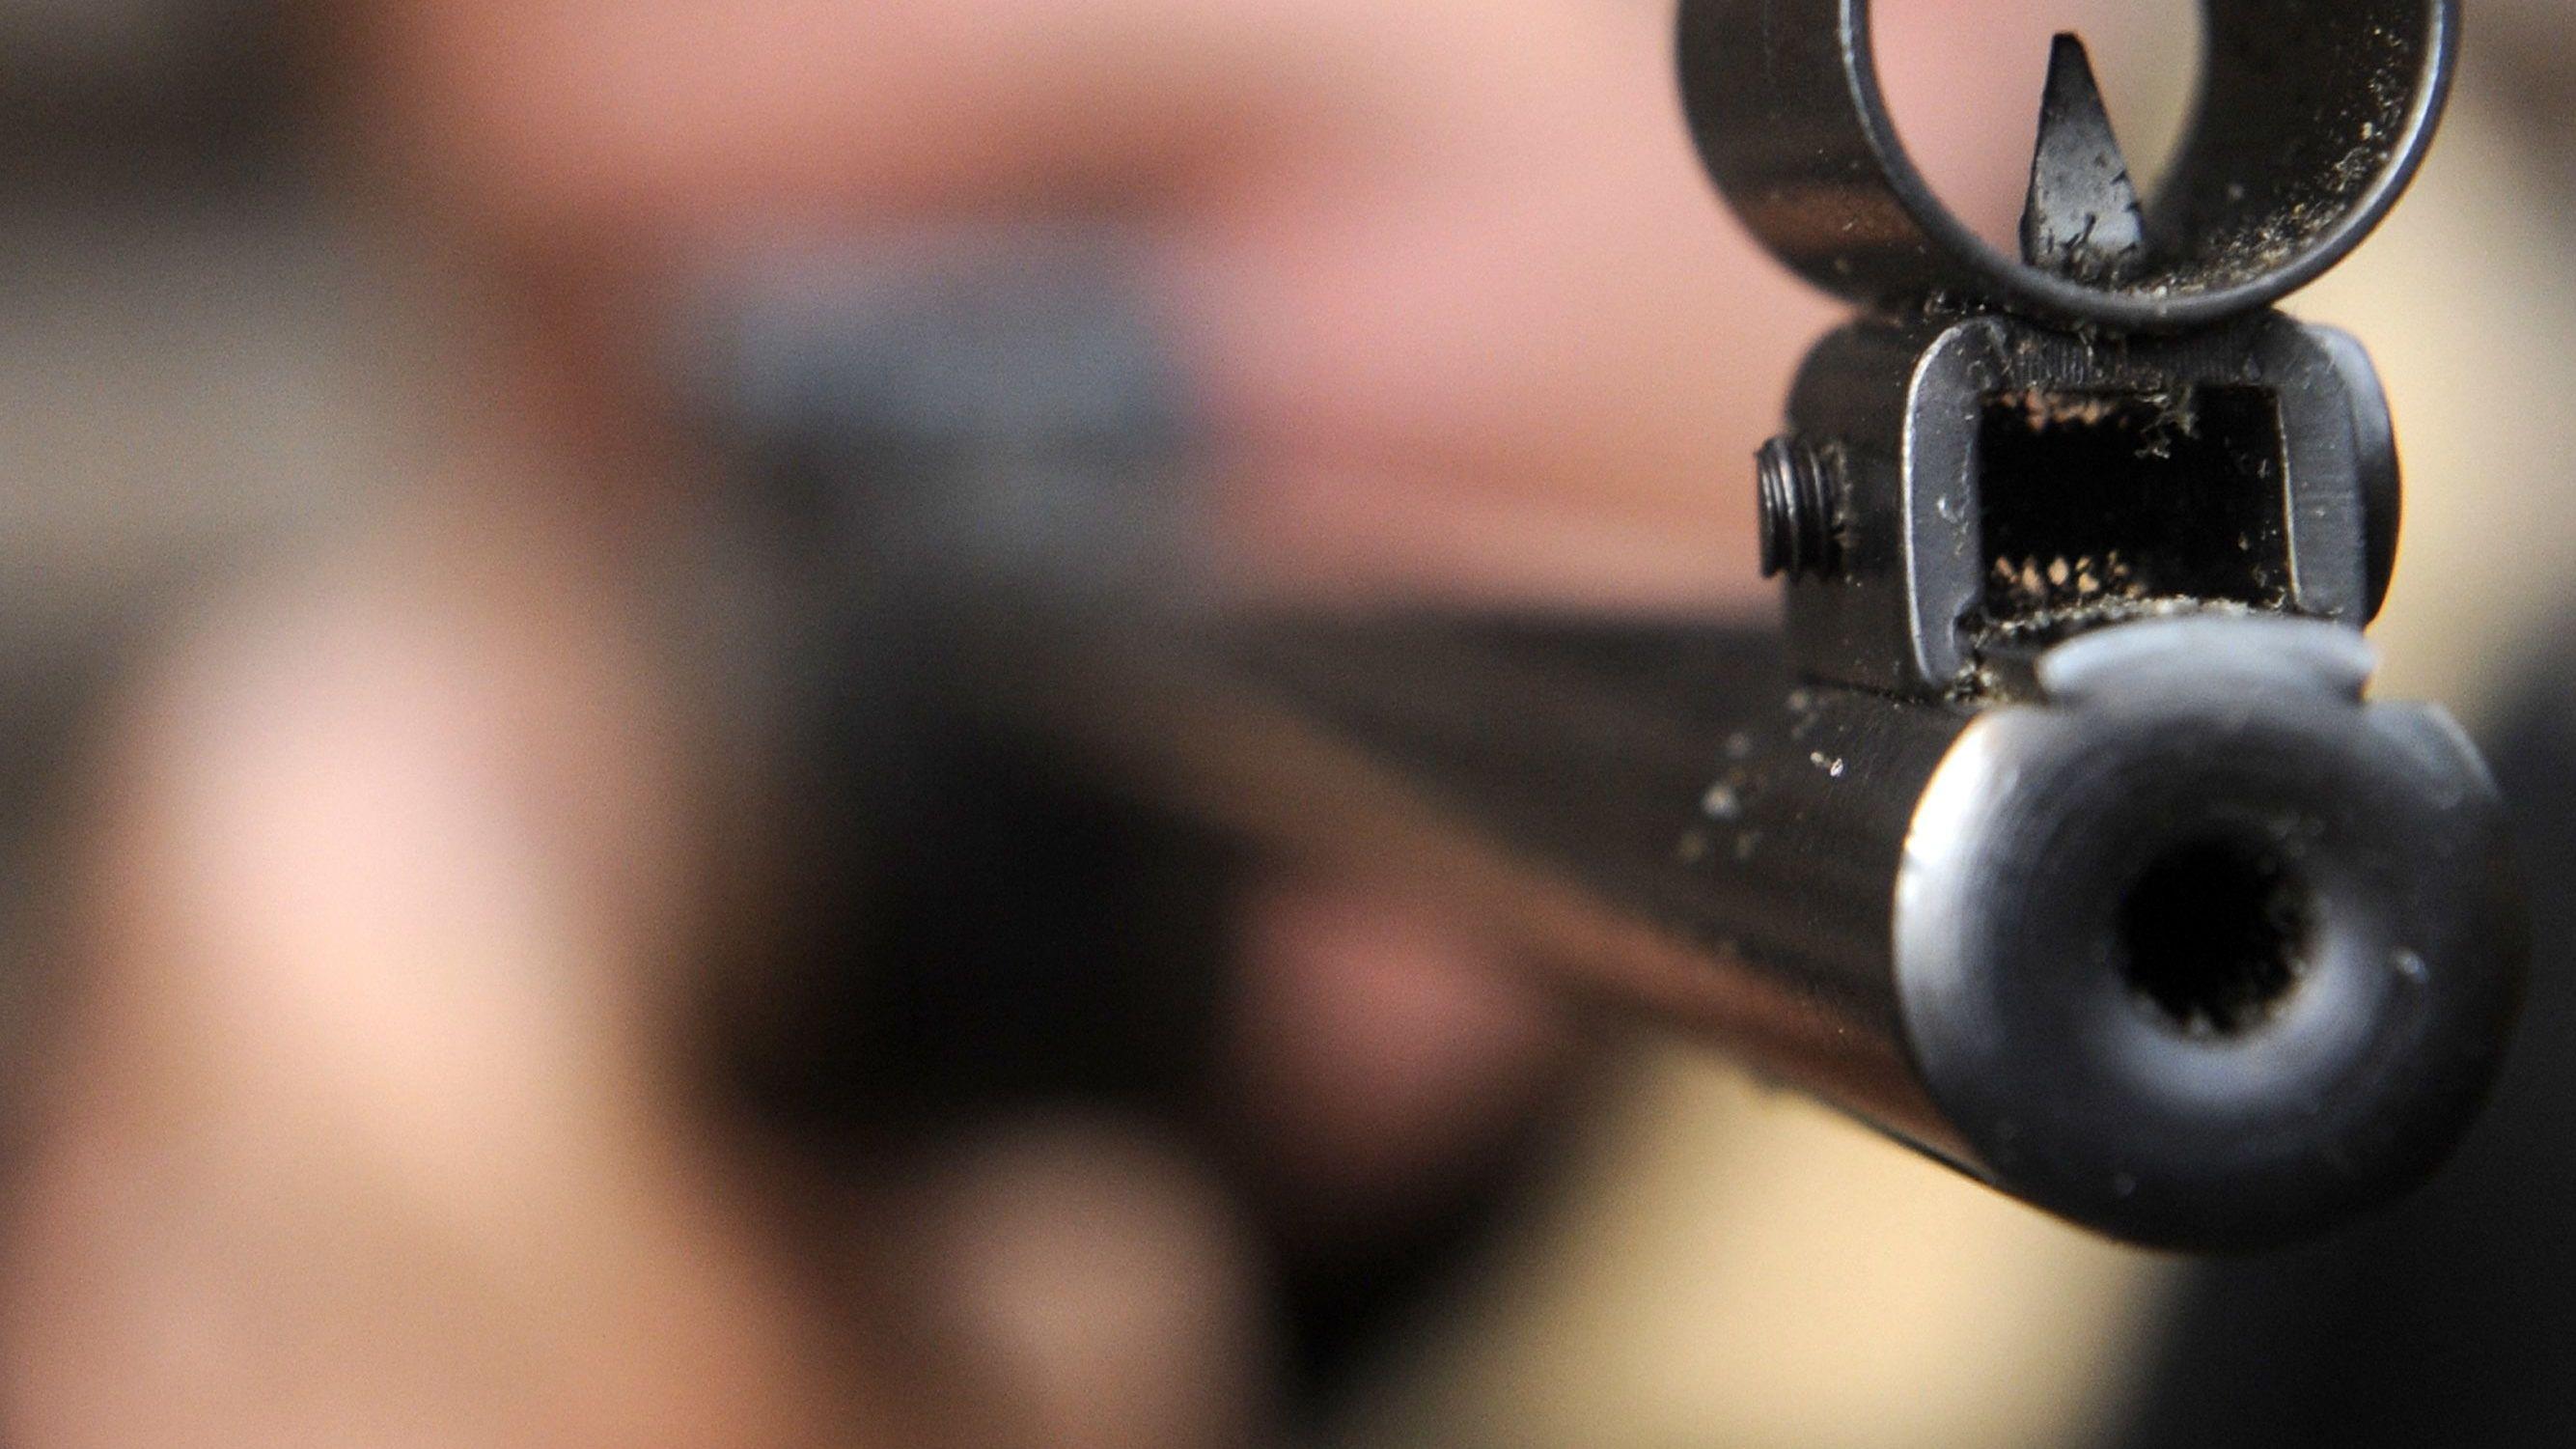 Die Mündung eines Luftgewehrs